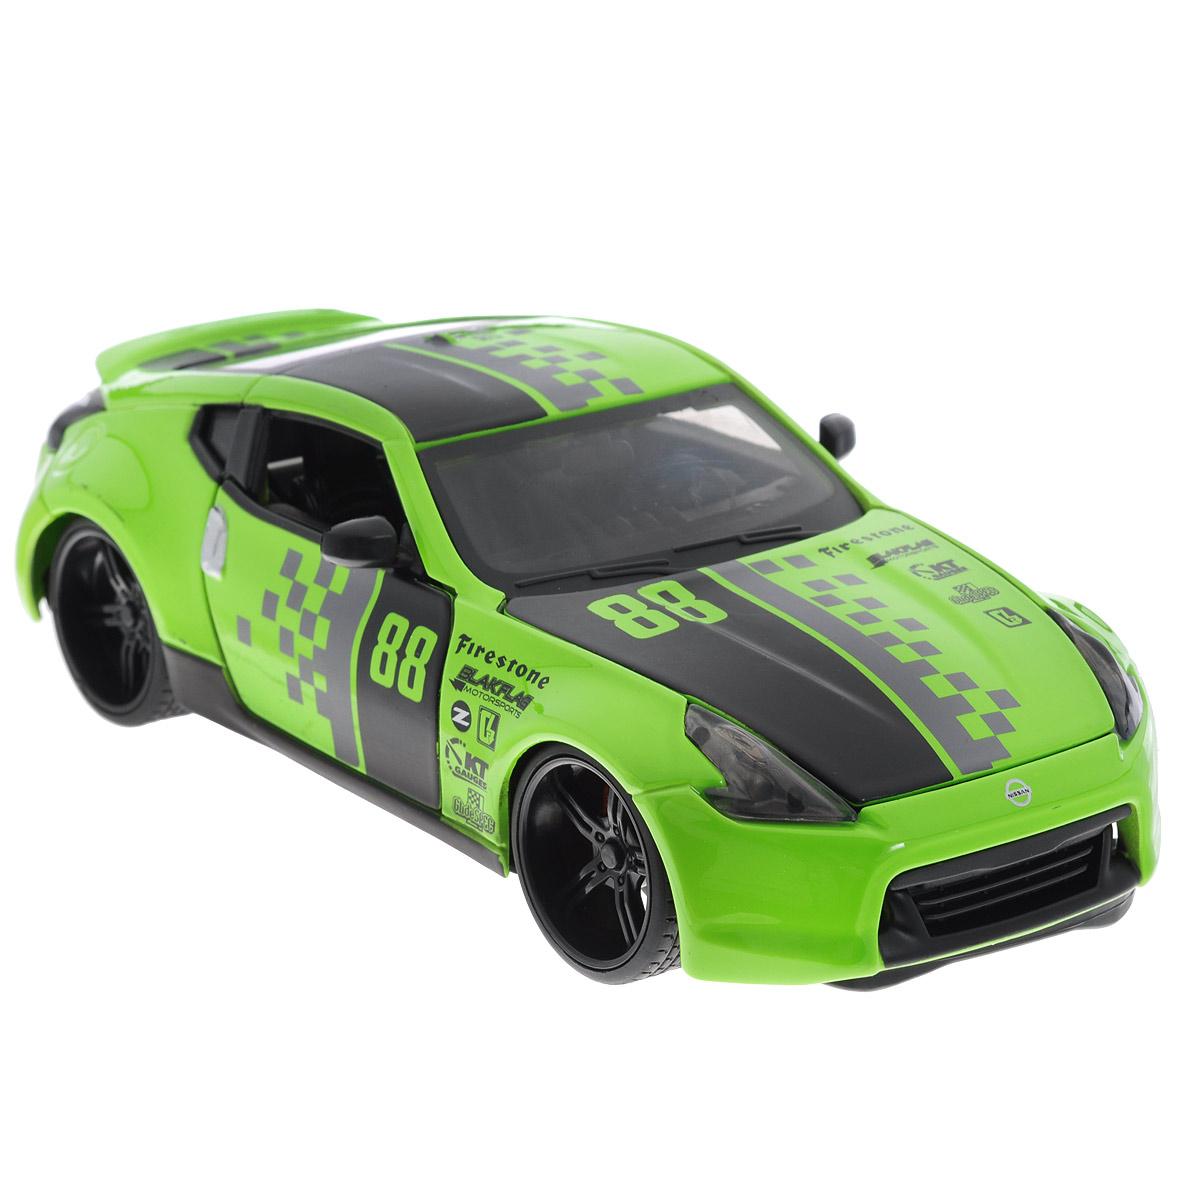 Maisto Модель автомобиля Nissan 370Z 2009 цвет зеленый31353_зеленыйКоллекционная модель Maisto 2009 Nissan 370Z - миниатюрная копия настоящего автомобиля. Стильная модель автомобиля привлечет к себе внимание не только детей, но и взрослых. Модель имеет литой металлический корпус с высокой детализацией двигателя, интерьера салона, дисков, протекторов, выхлопной системы, оснащена колесами из мягкой резины. У машинки открываются дверцы кабины и капот. Игрушка в точности повторяет модель оригинальной техники, подробная детализация в полной мере позволит вам оценить высокую точность копии этой машины! Такая модель станет отличным подарком не только любителю автомобилей, но и человеку, ценящему оригинальность и изысканность, а качество исполнения представит такой подарок в самом лучшем свете.